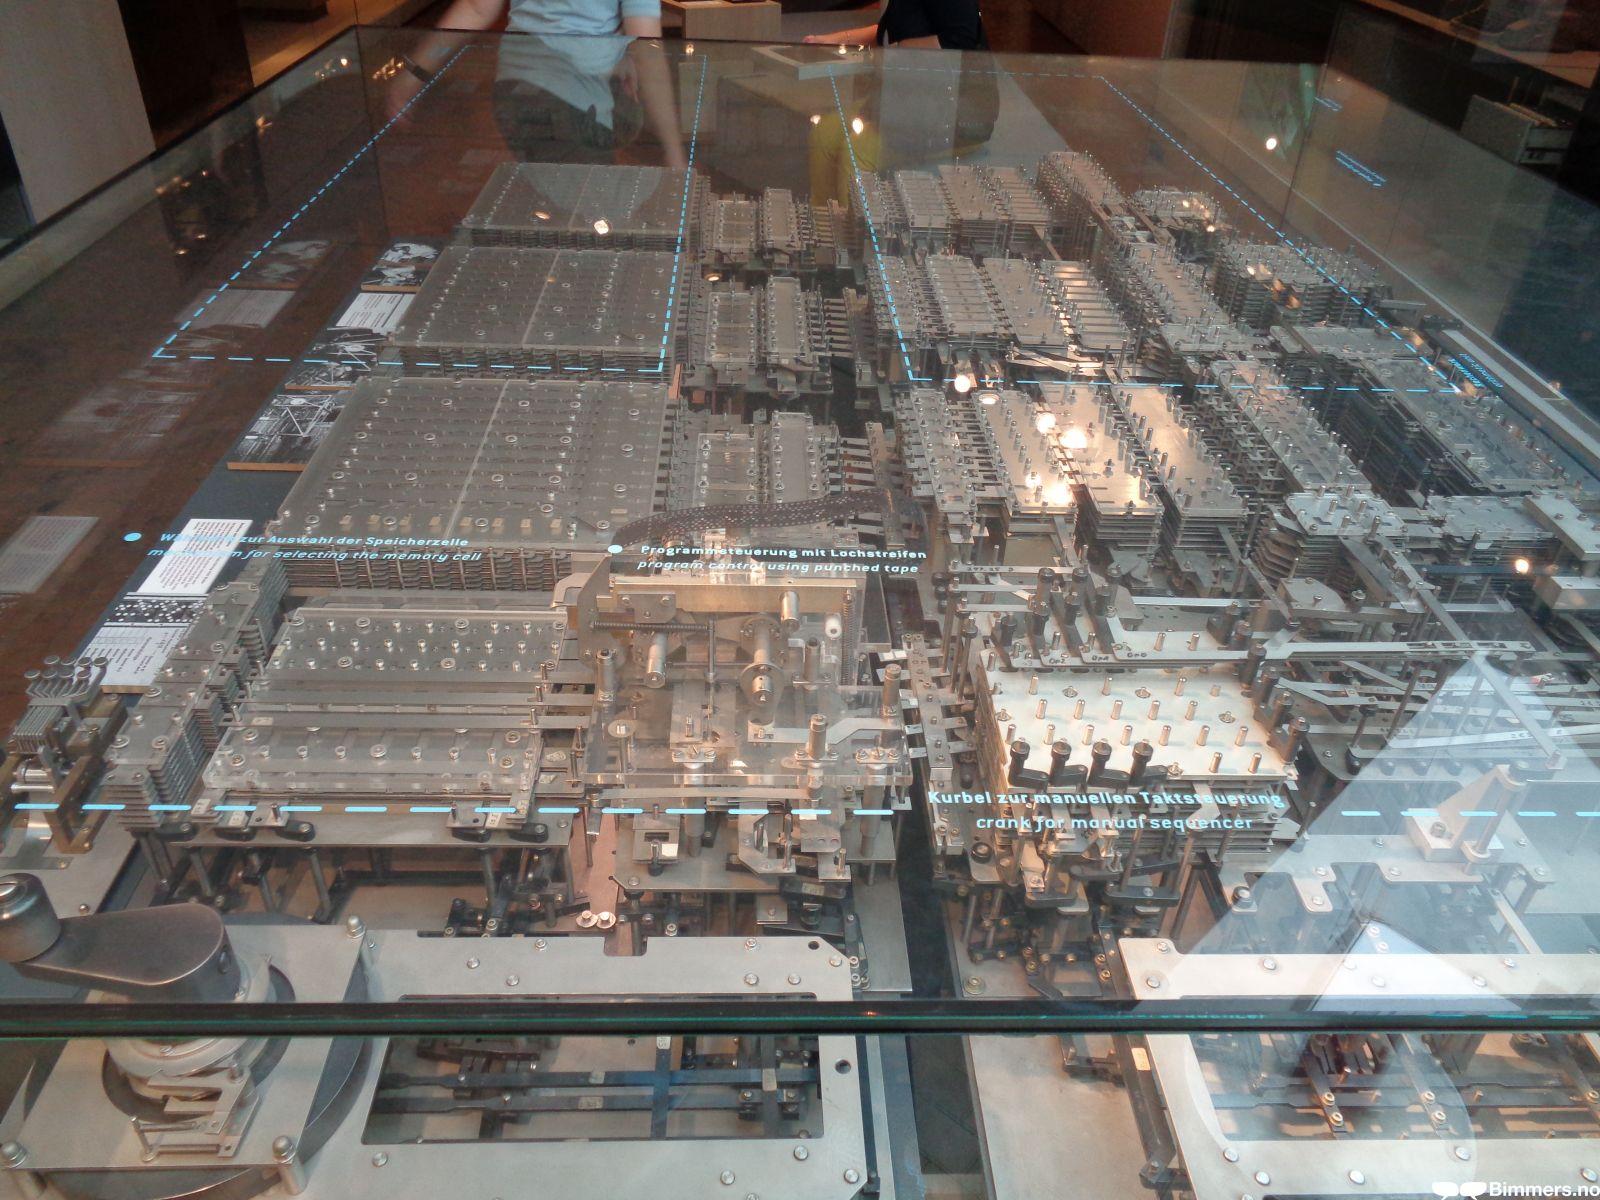 Verdens første mekaniske datamaskin. Zuse 1 anno 1936-38.